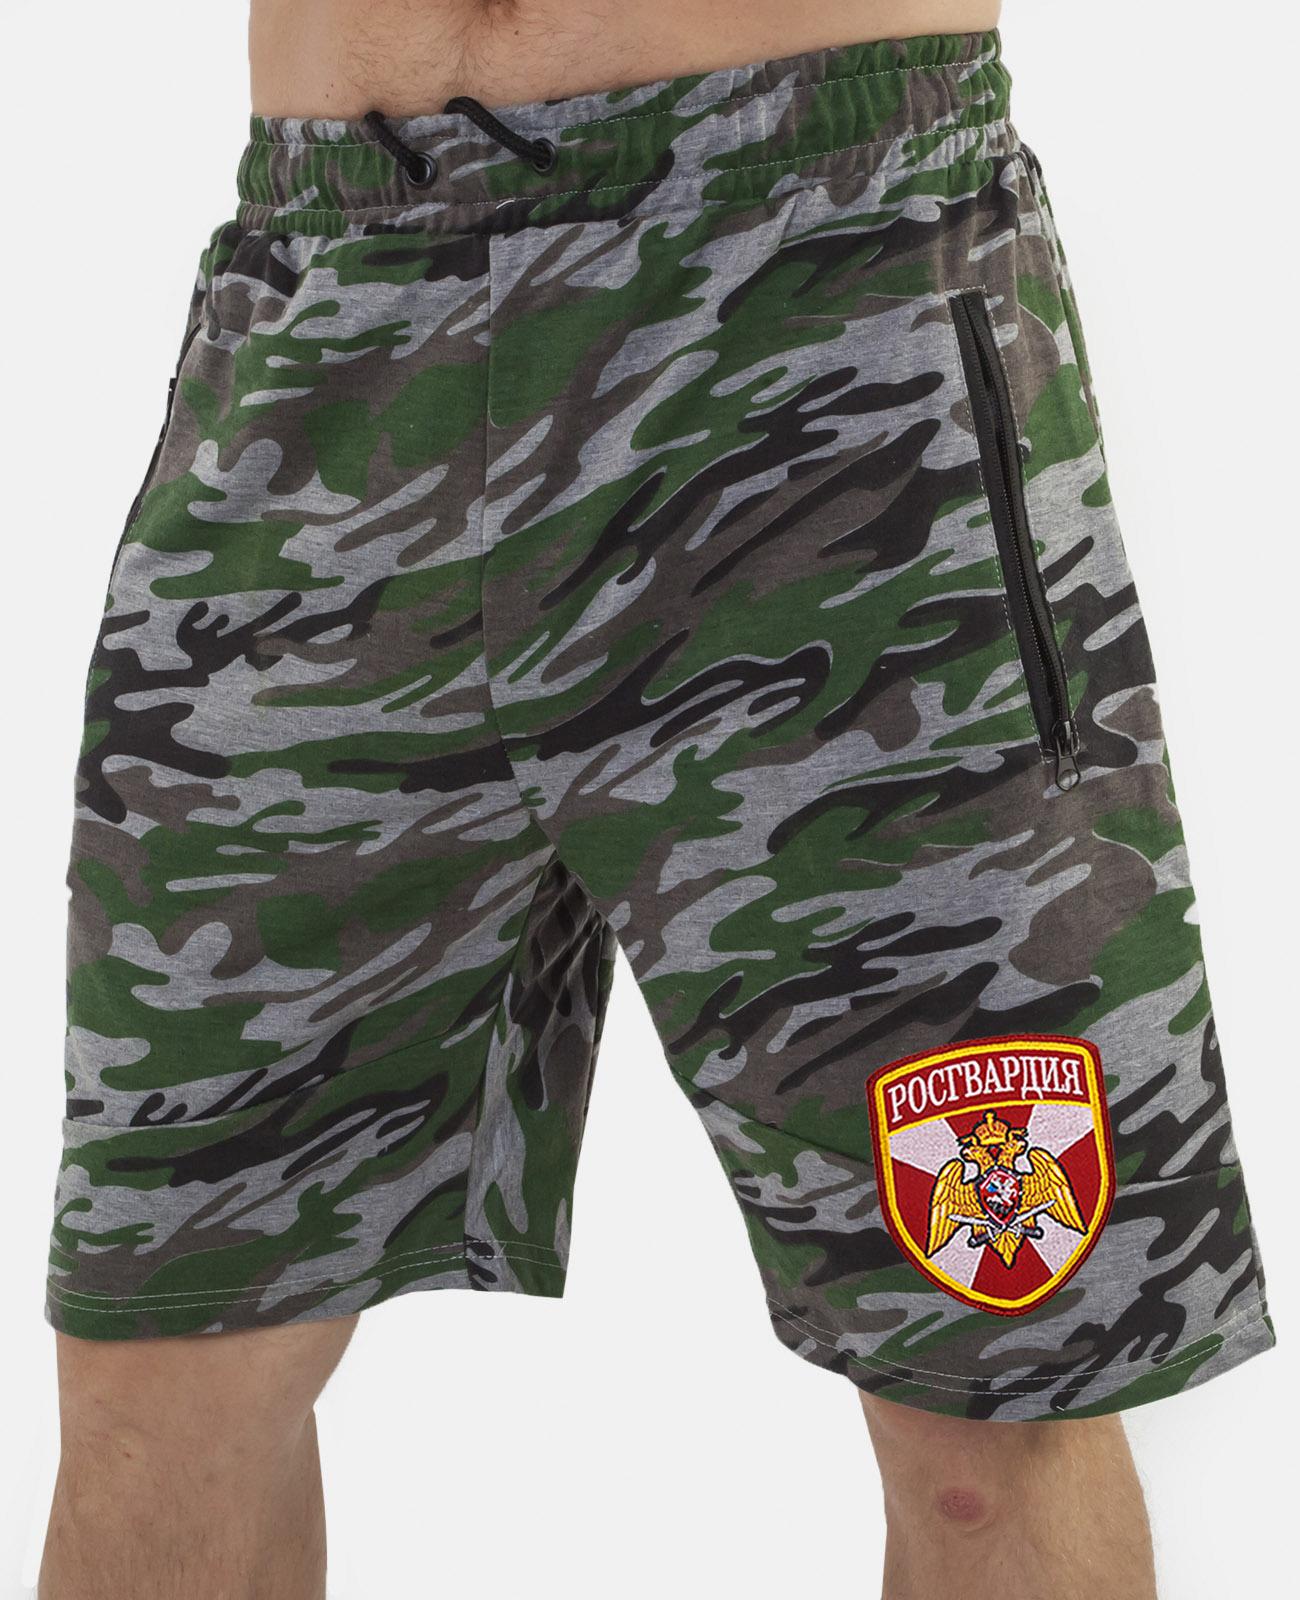 Купить армейские крутые милитари шорты с нашивкой Росгвардия в подарок мужчине